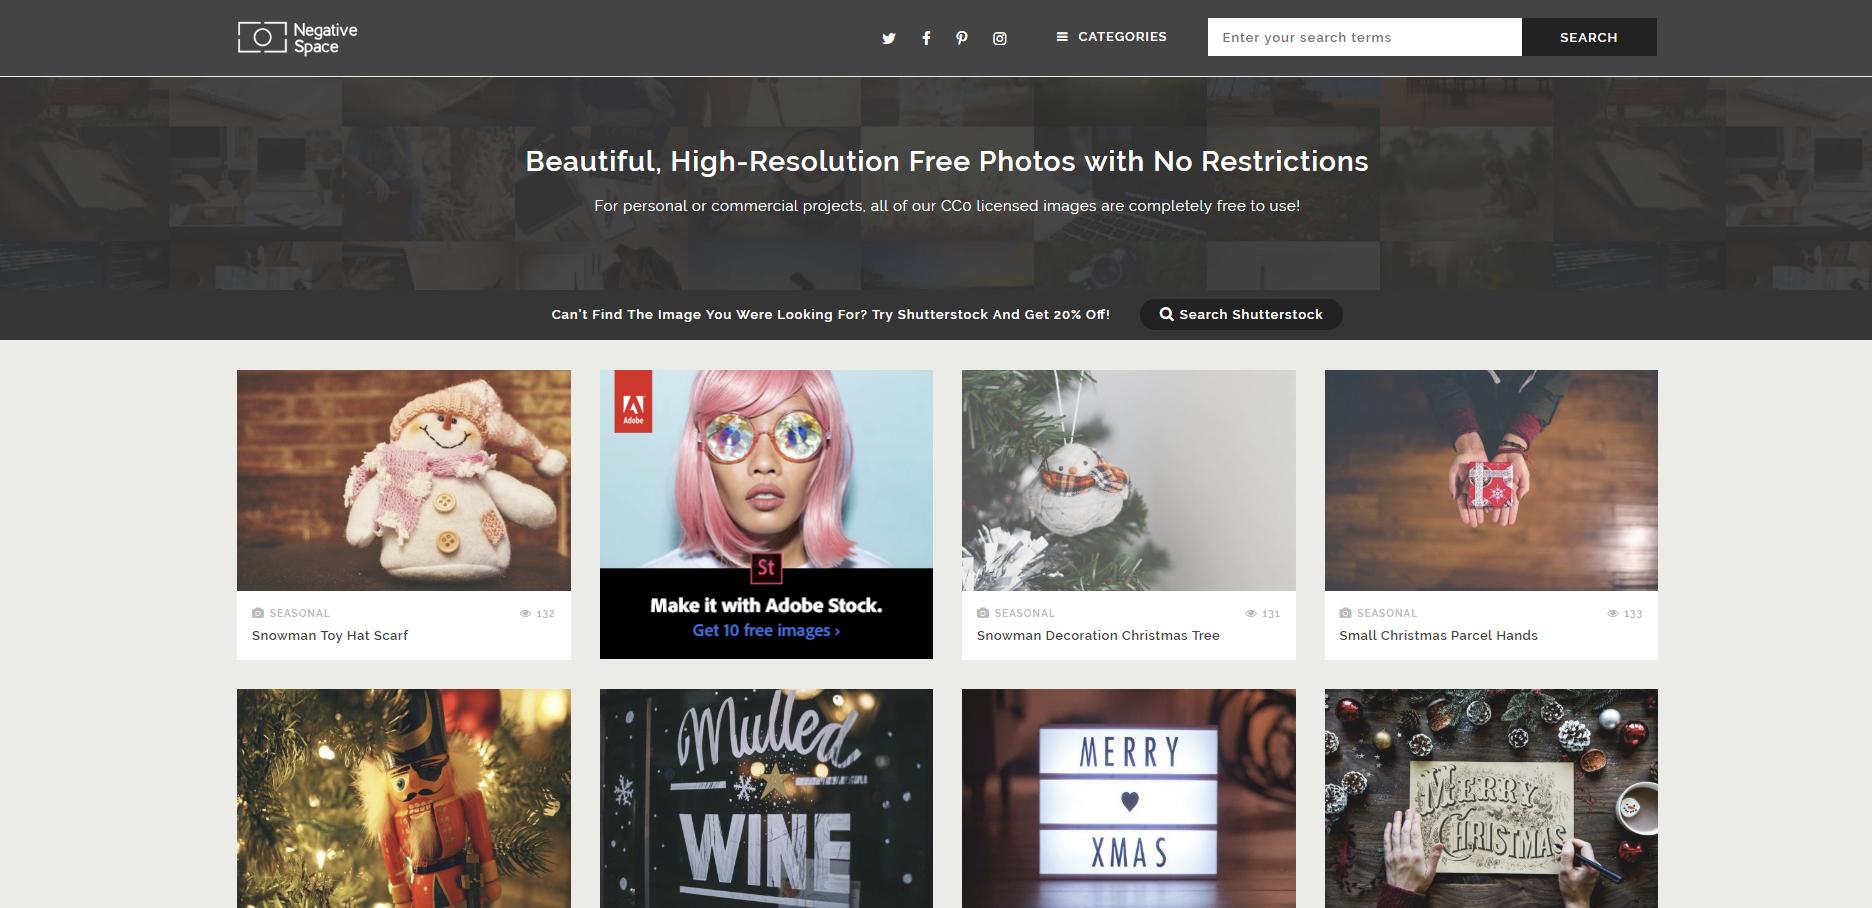 Negative Space, jogtiszta fotók, ingyenes fotók, jogtiszta képek, ingyenes képek, ingyenes png ábrák, ingyenes háttérképek, ingyenes logó